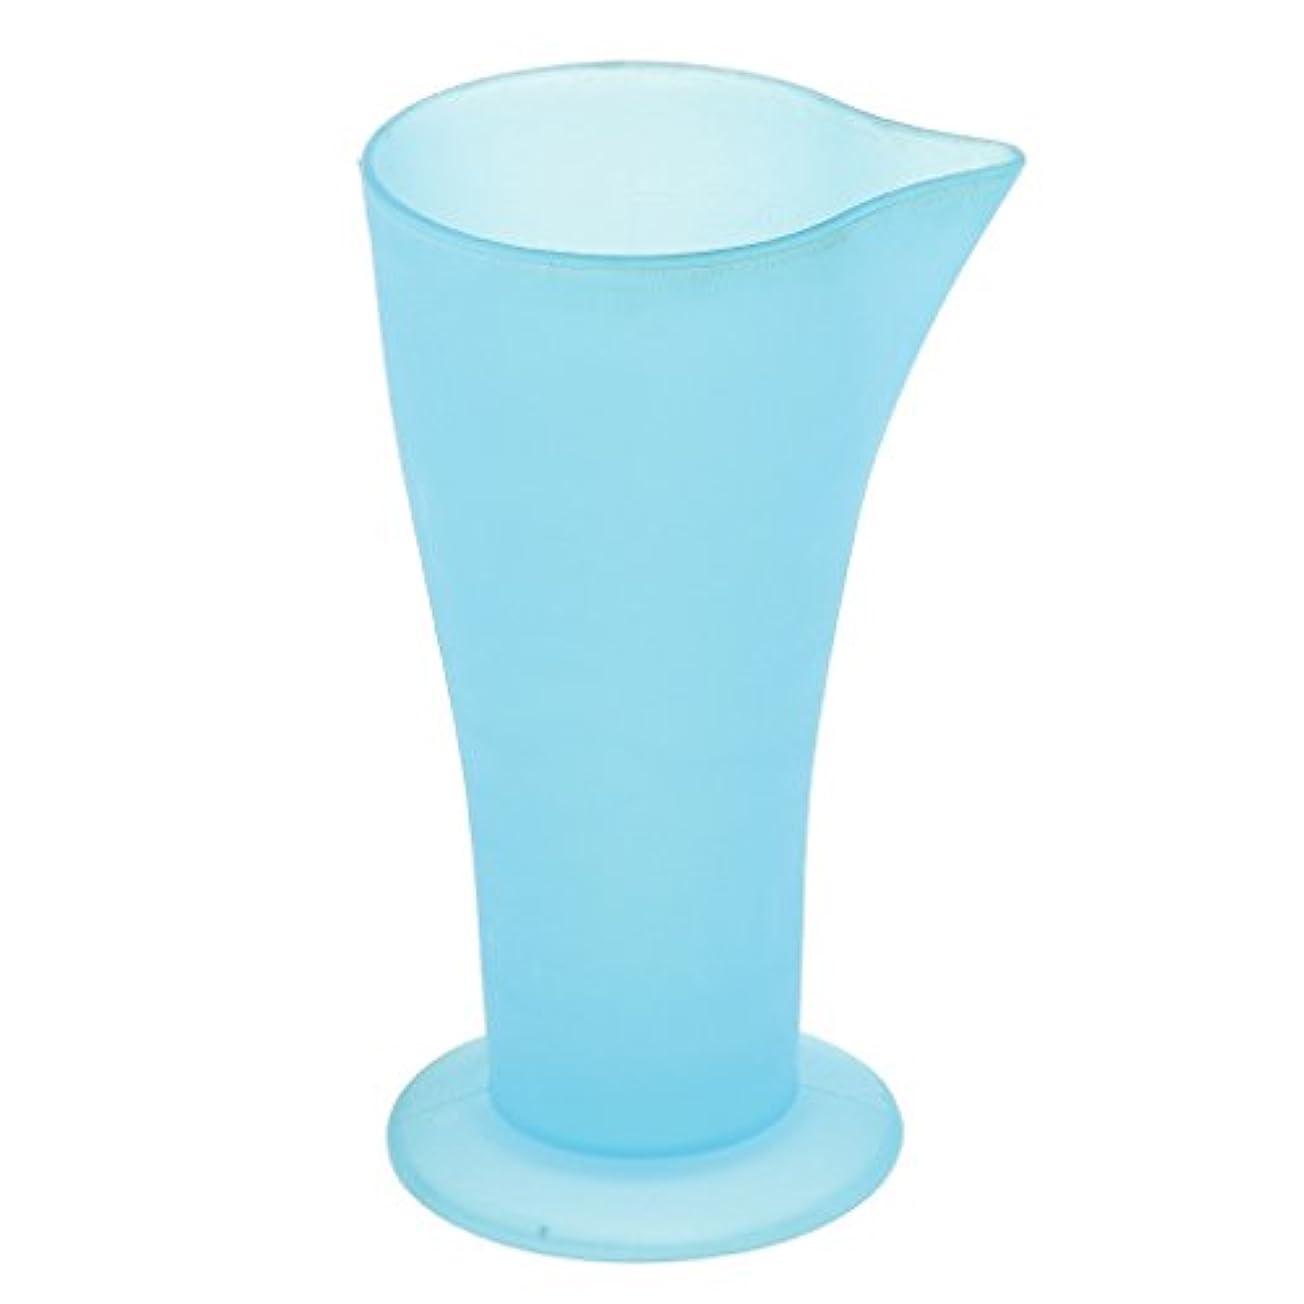 便利さ閉じる契約したT TOOYFUL 実験室のための1x 120mLの明確な青いプラスチックによって卒業する液体の測定のビーカーのコップ